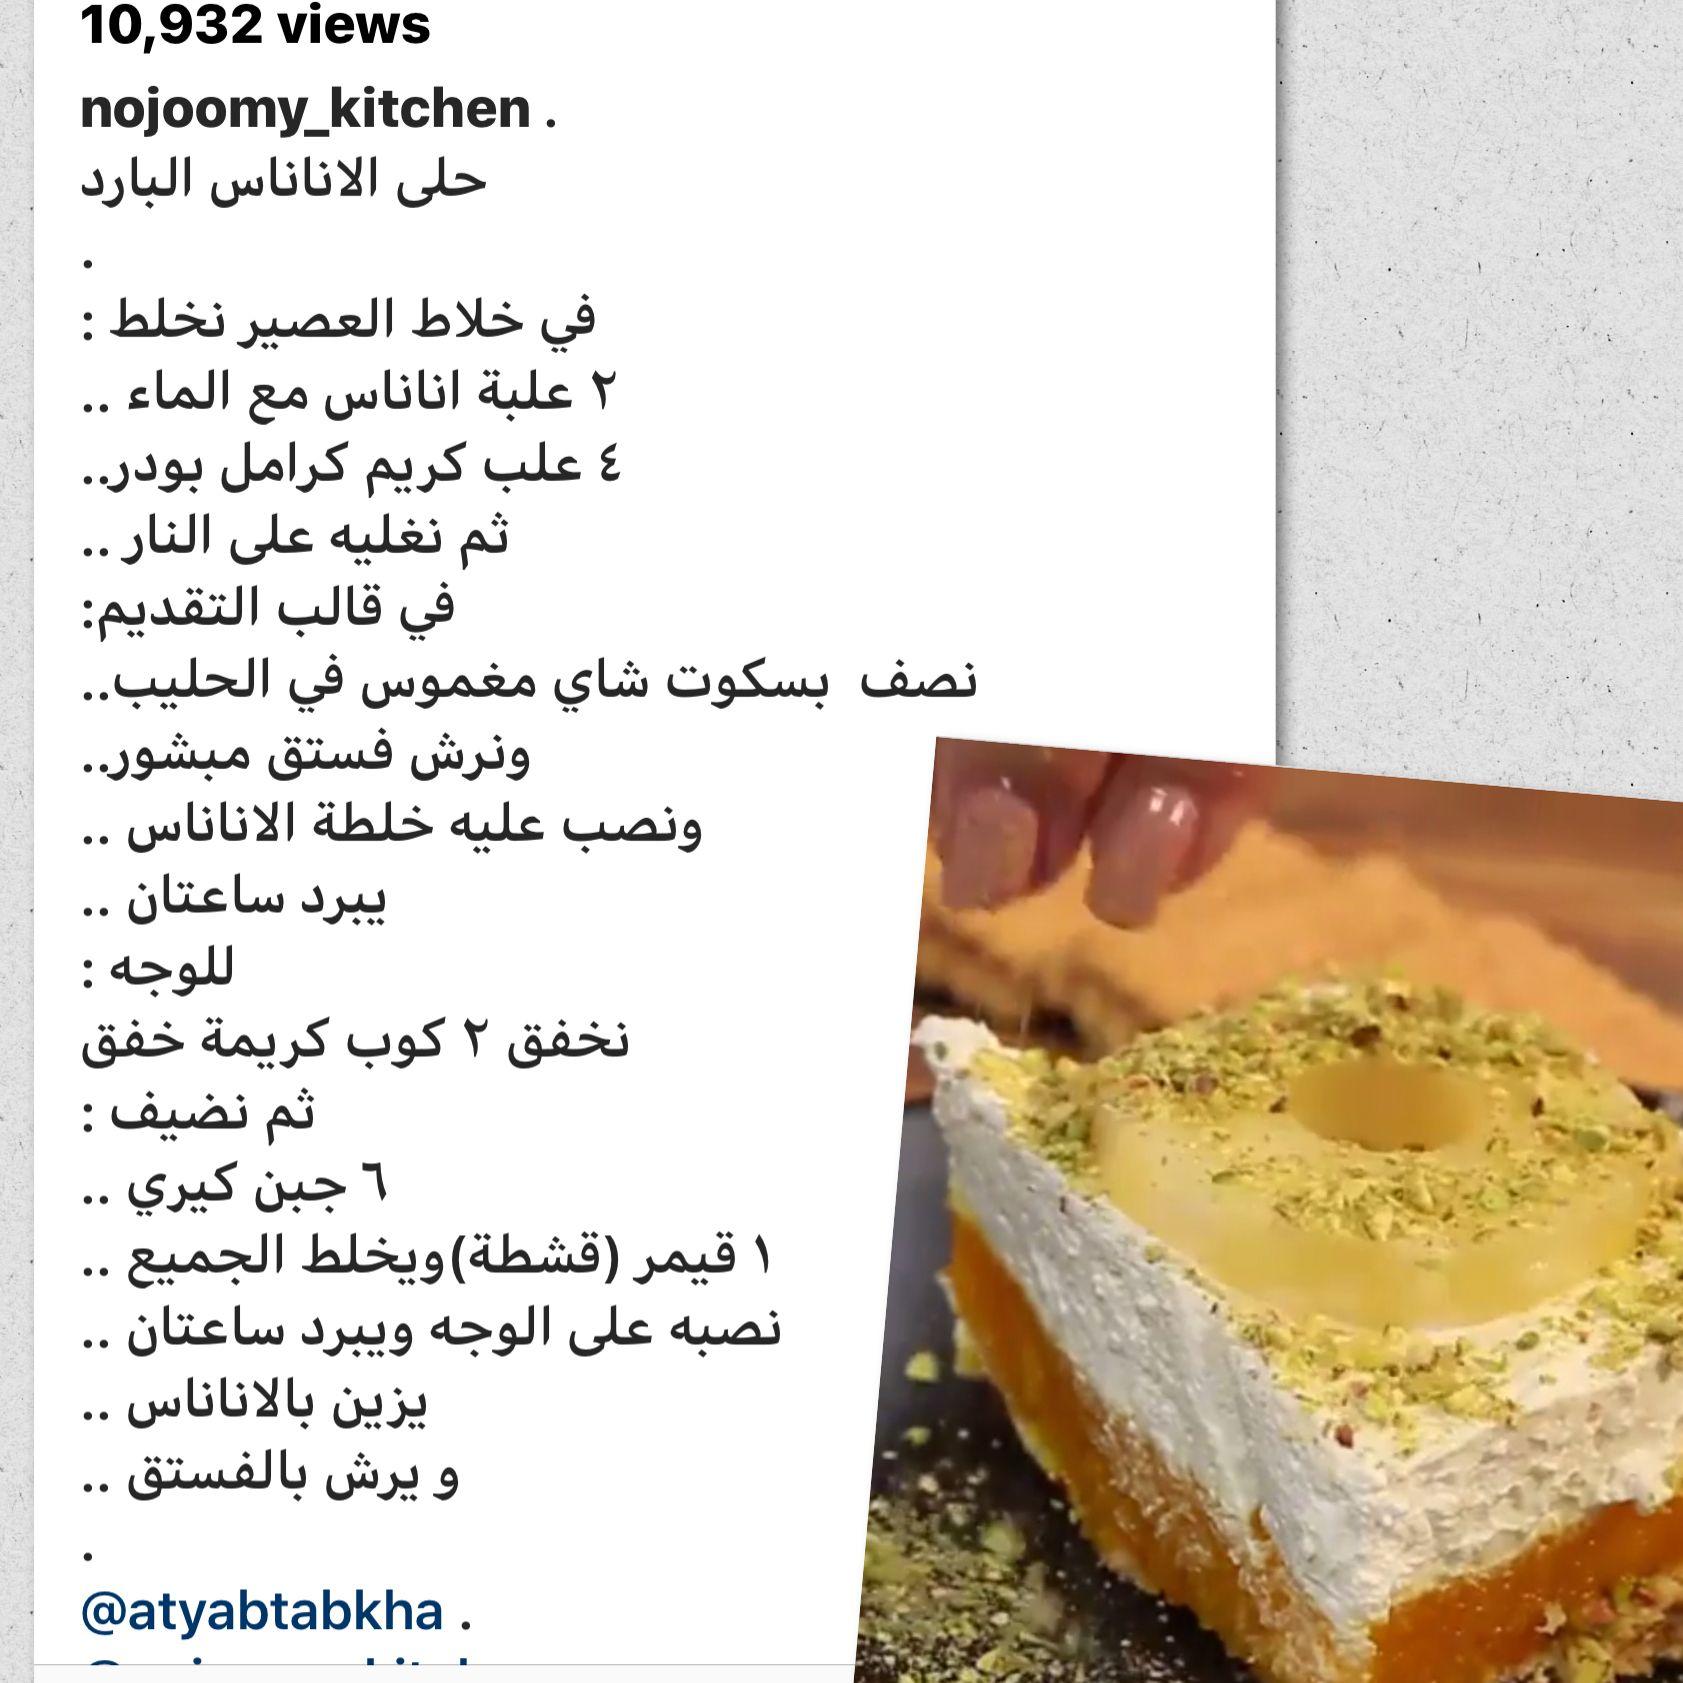 شيزكيك الاناناس الحلى البارد Recipes Food Food Pictures